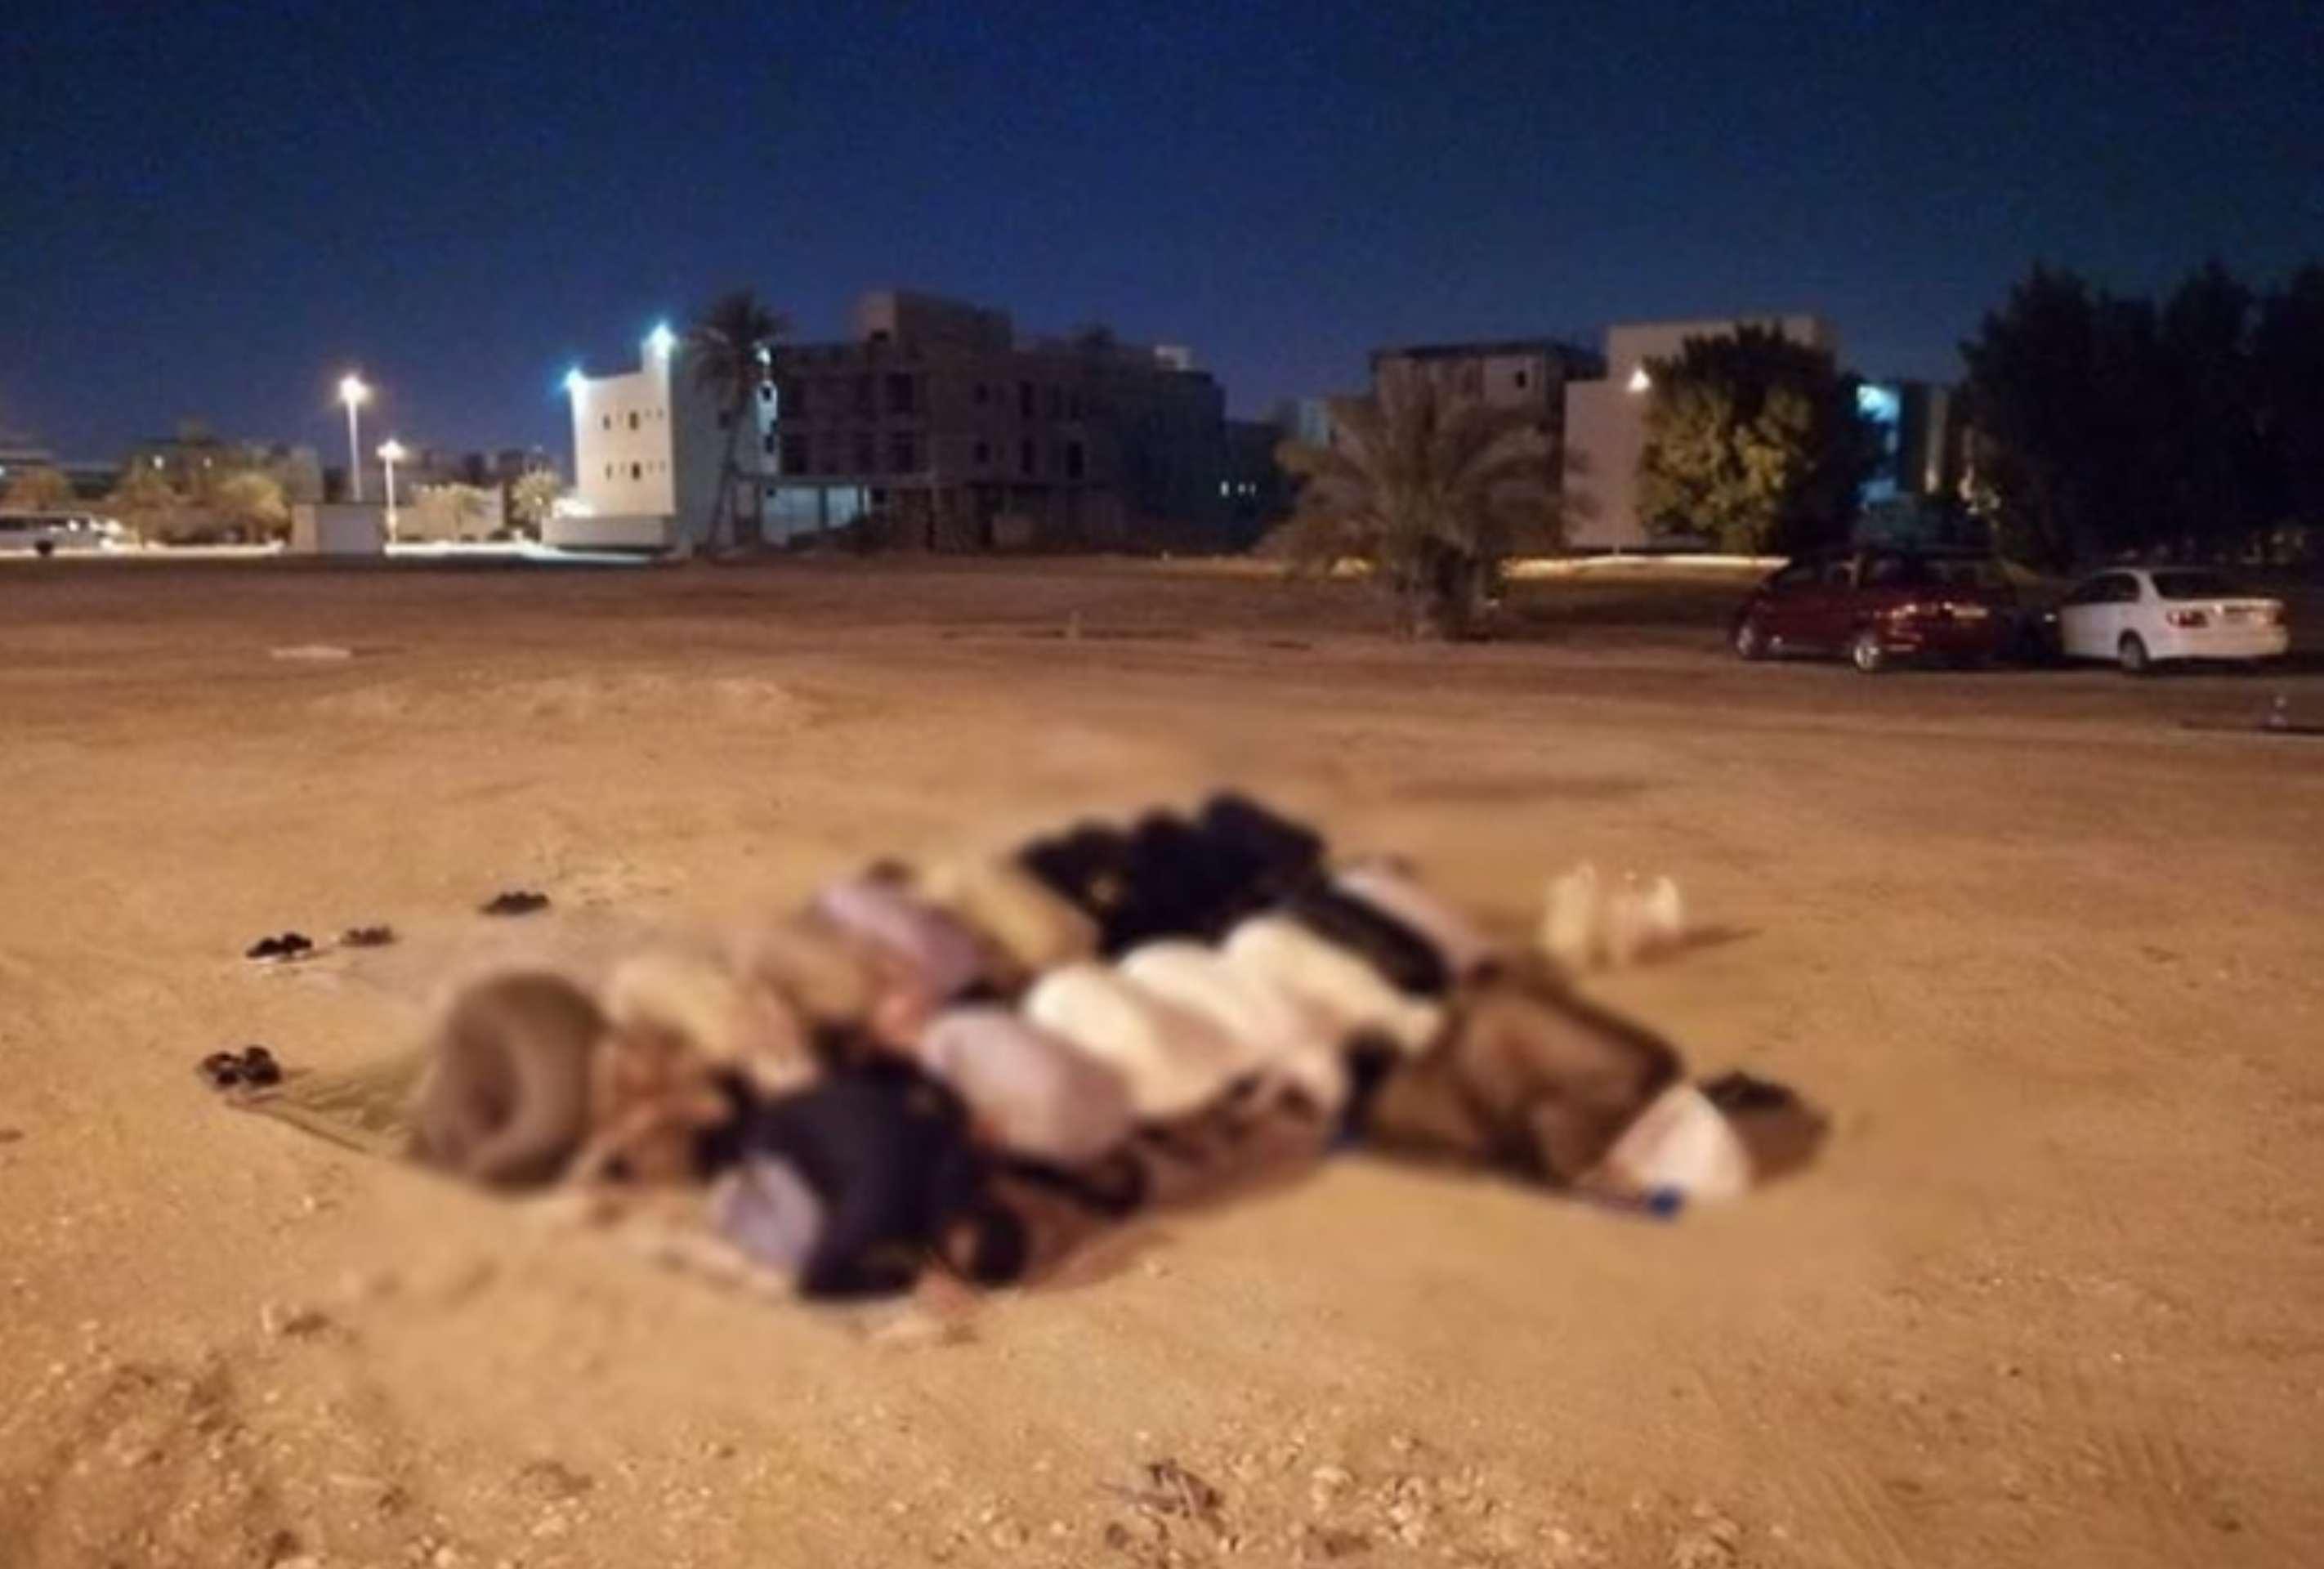 المواطنون يؤدّون الصلاة قي بقعة «مسجد العلويات» المهدّم